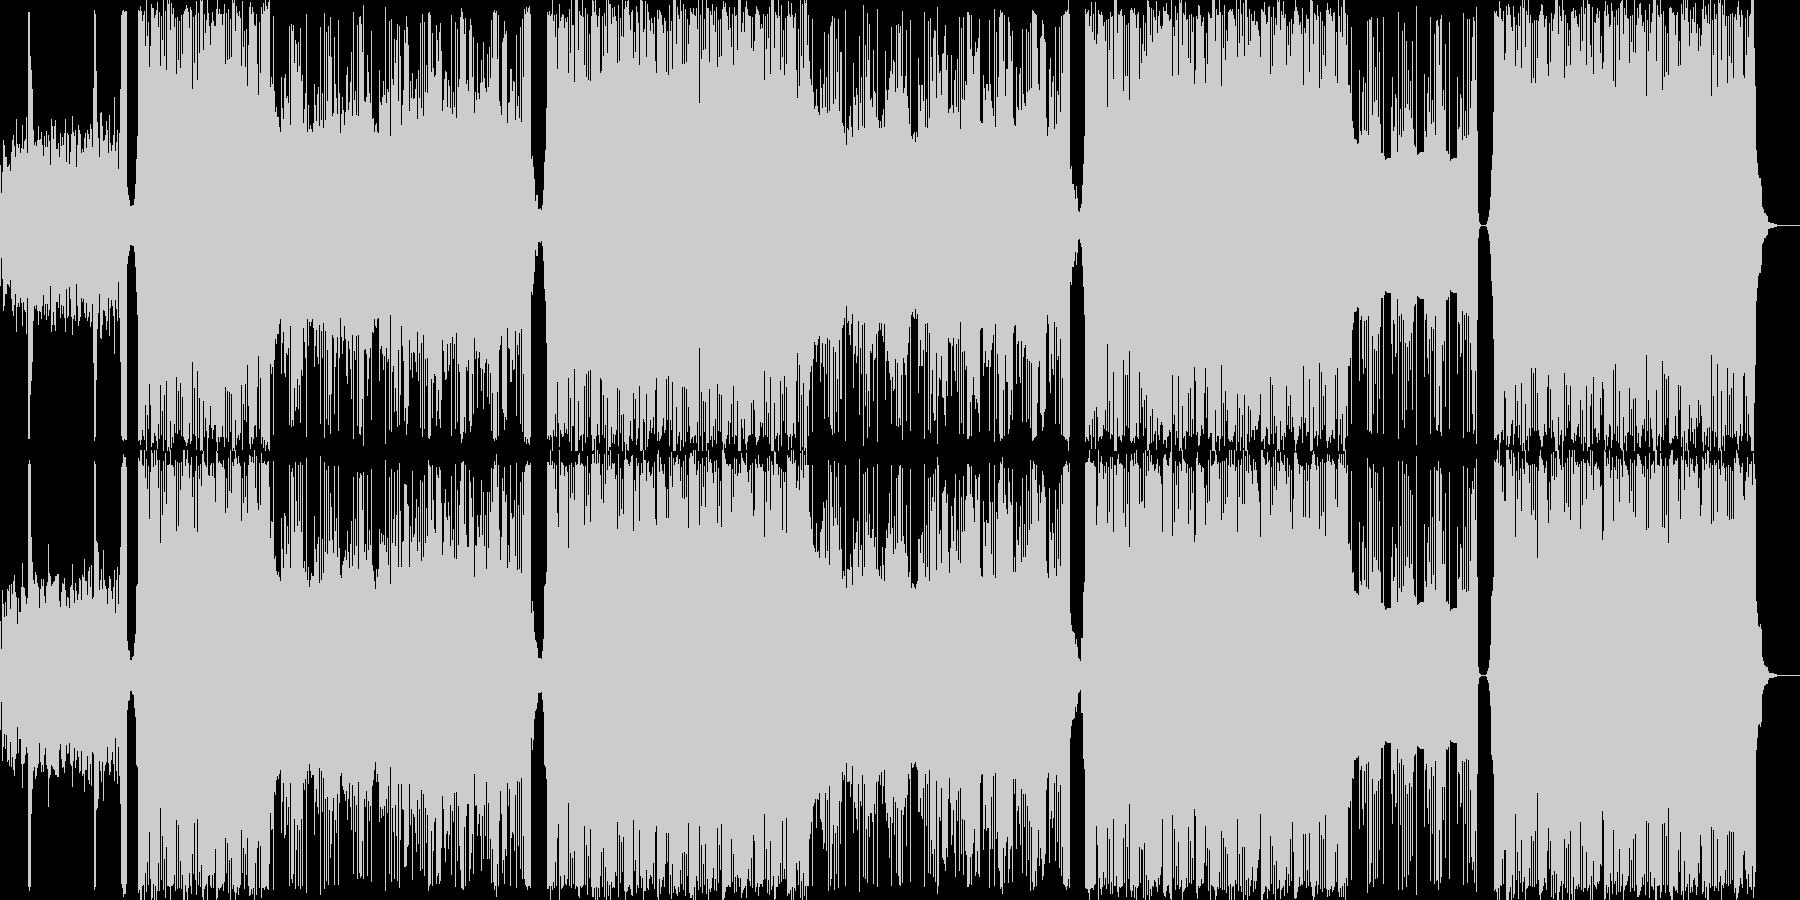 ヒップホップ/ダーク/クランク/#1の未再生の波形